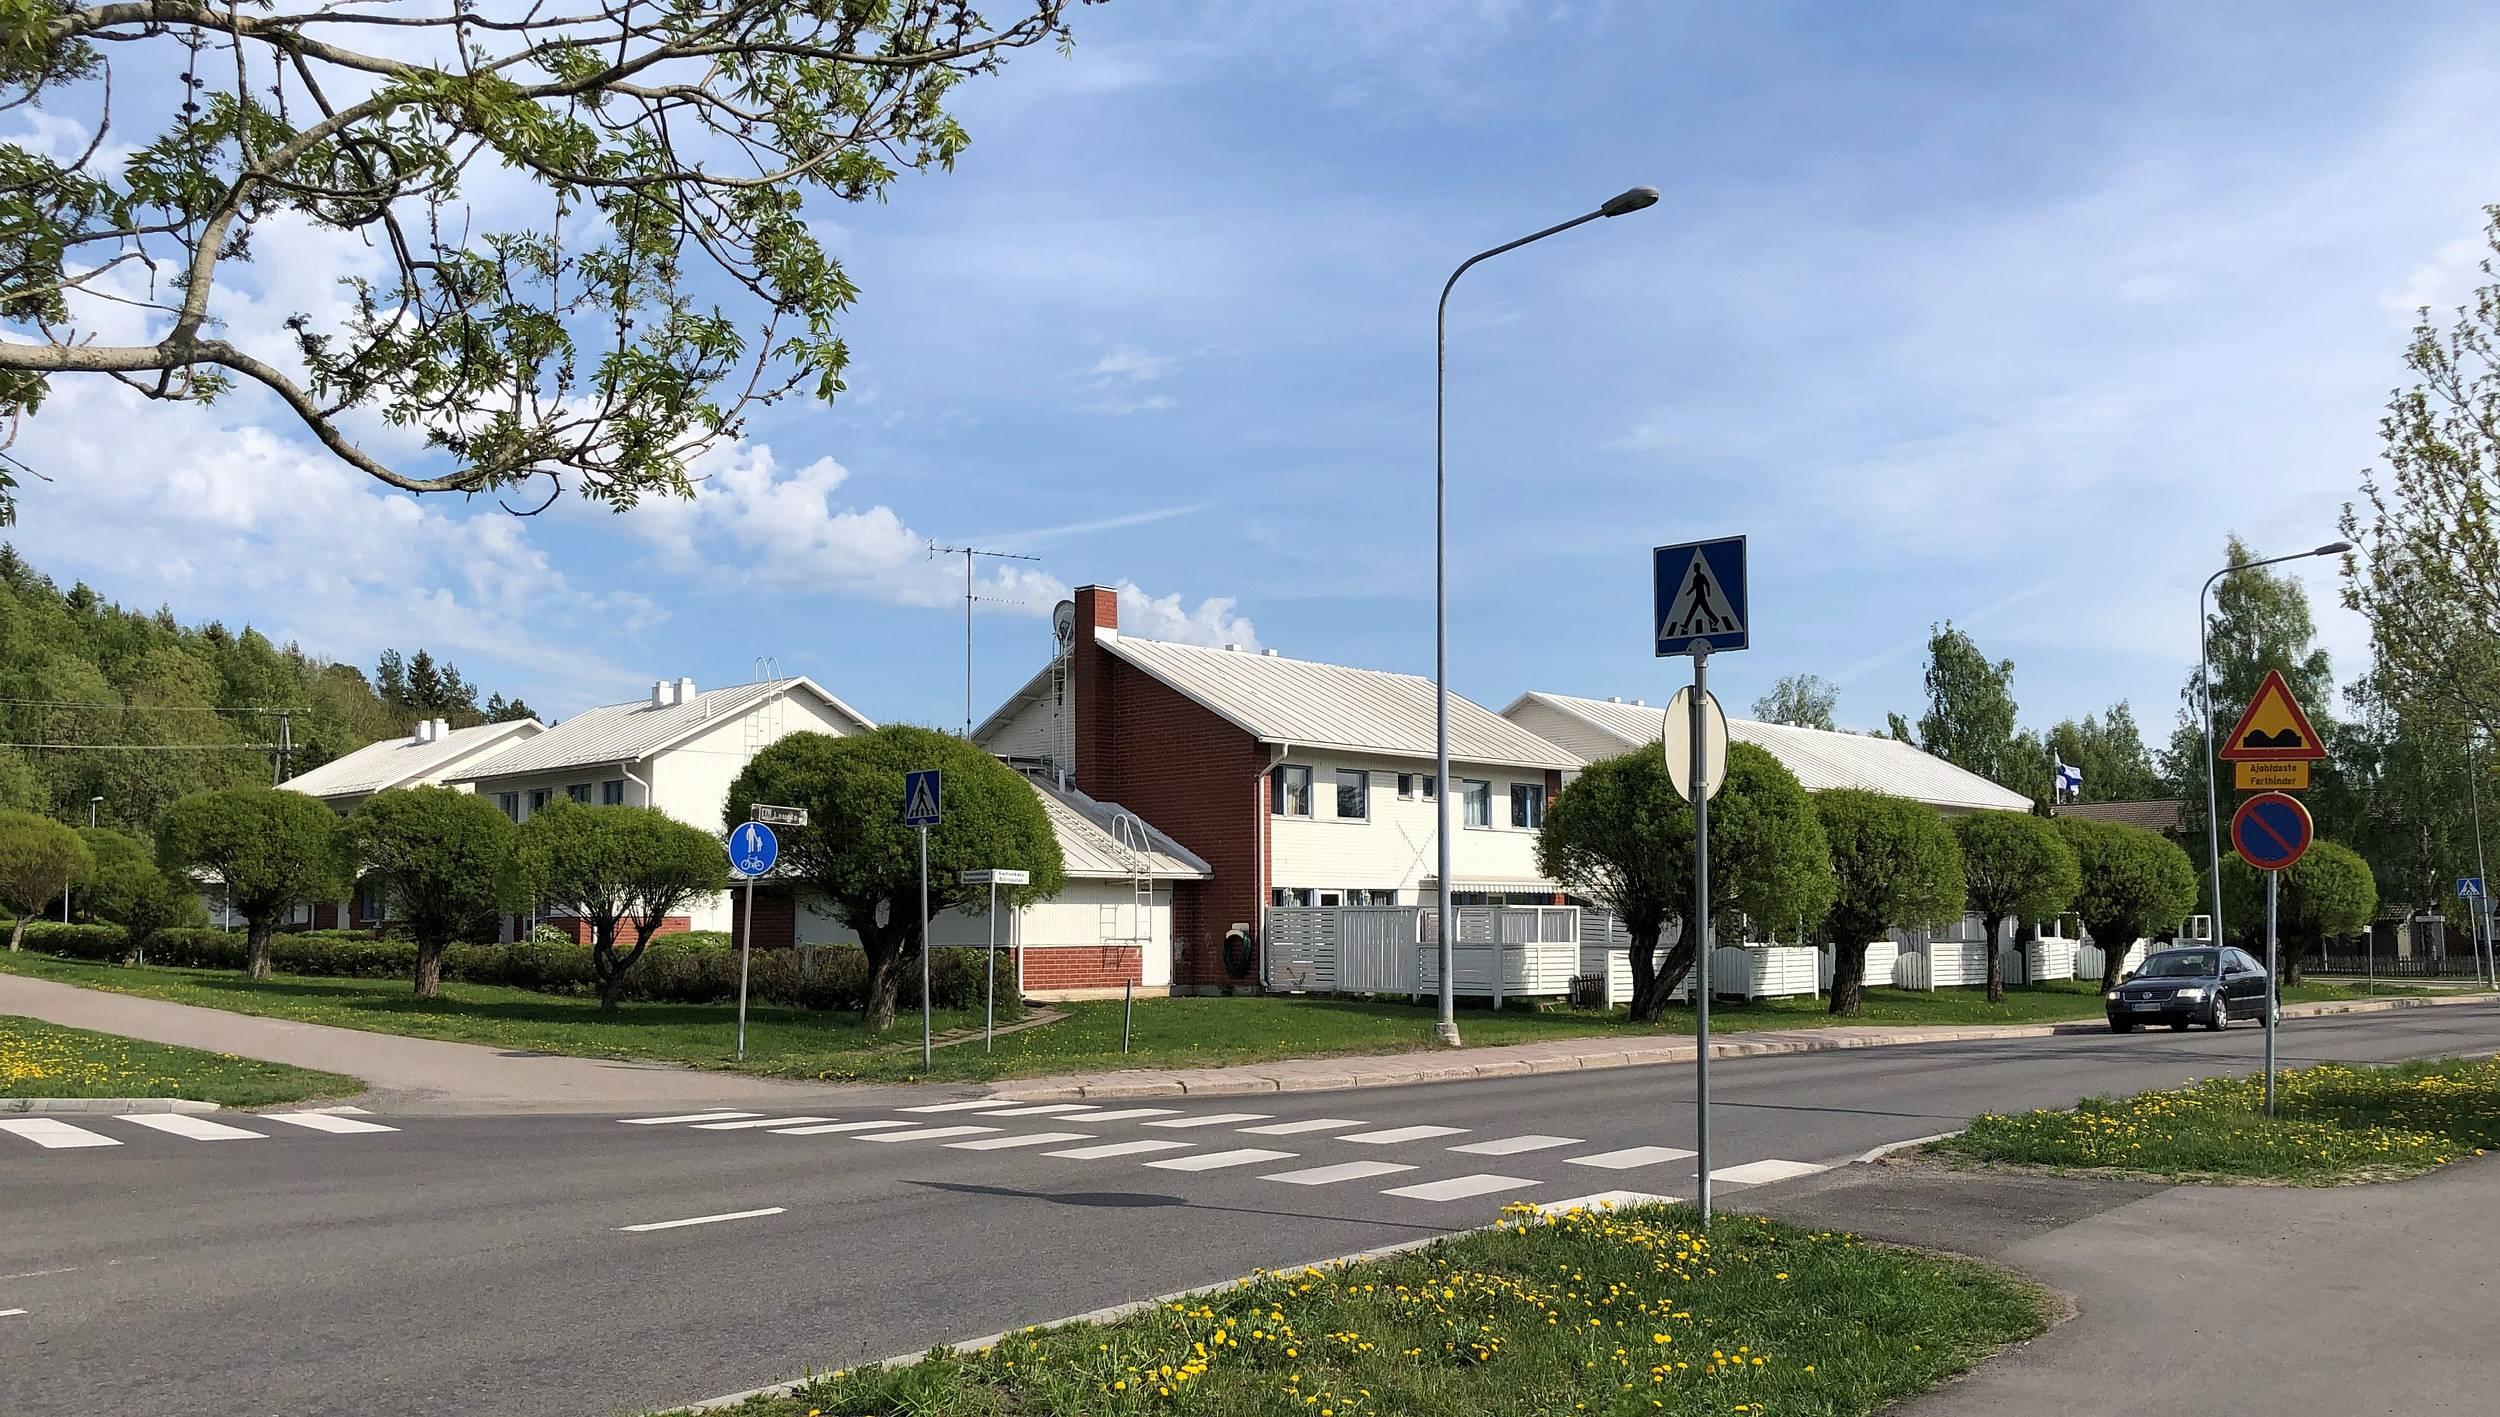 Huhkola